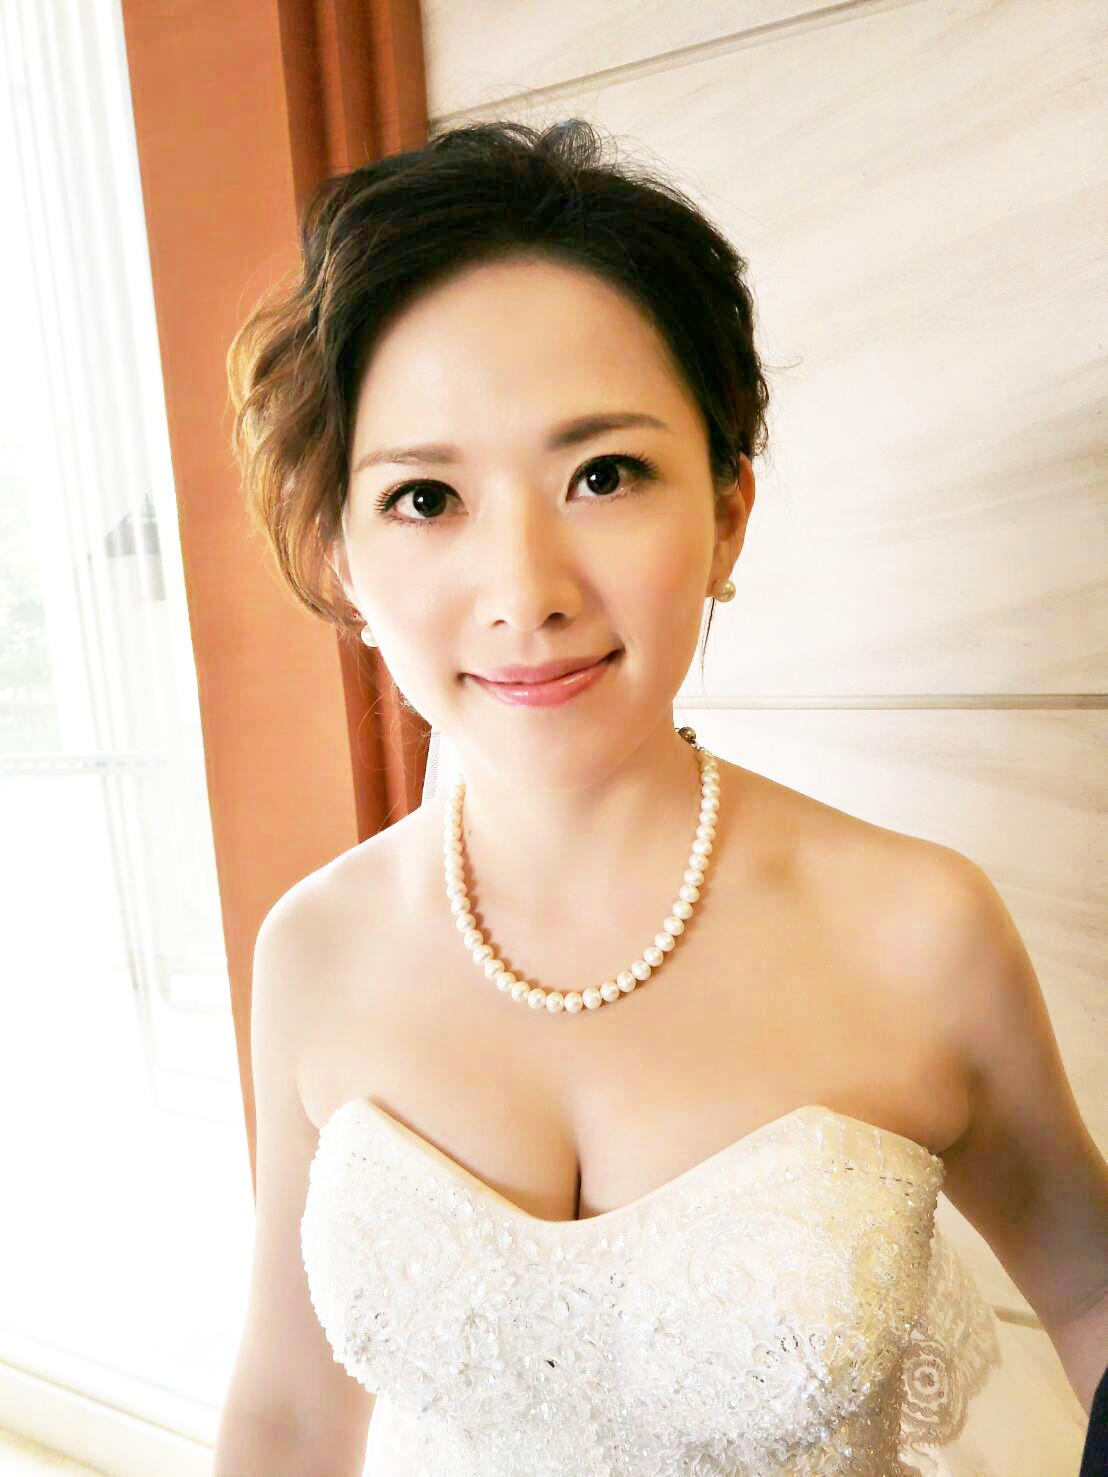 台北新娘秘書推薦 – 新秘千越 : 結婚宴客白紗造型(2019-08-29更新)